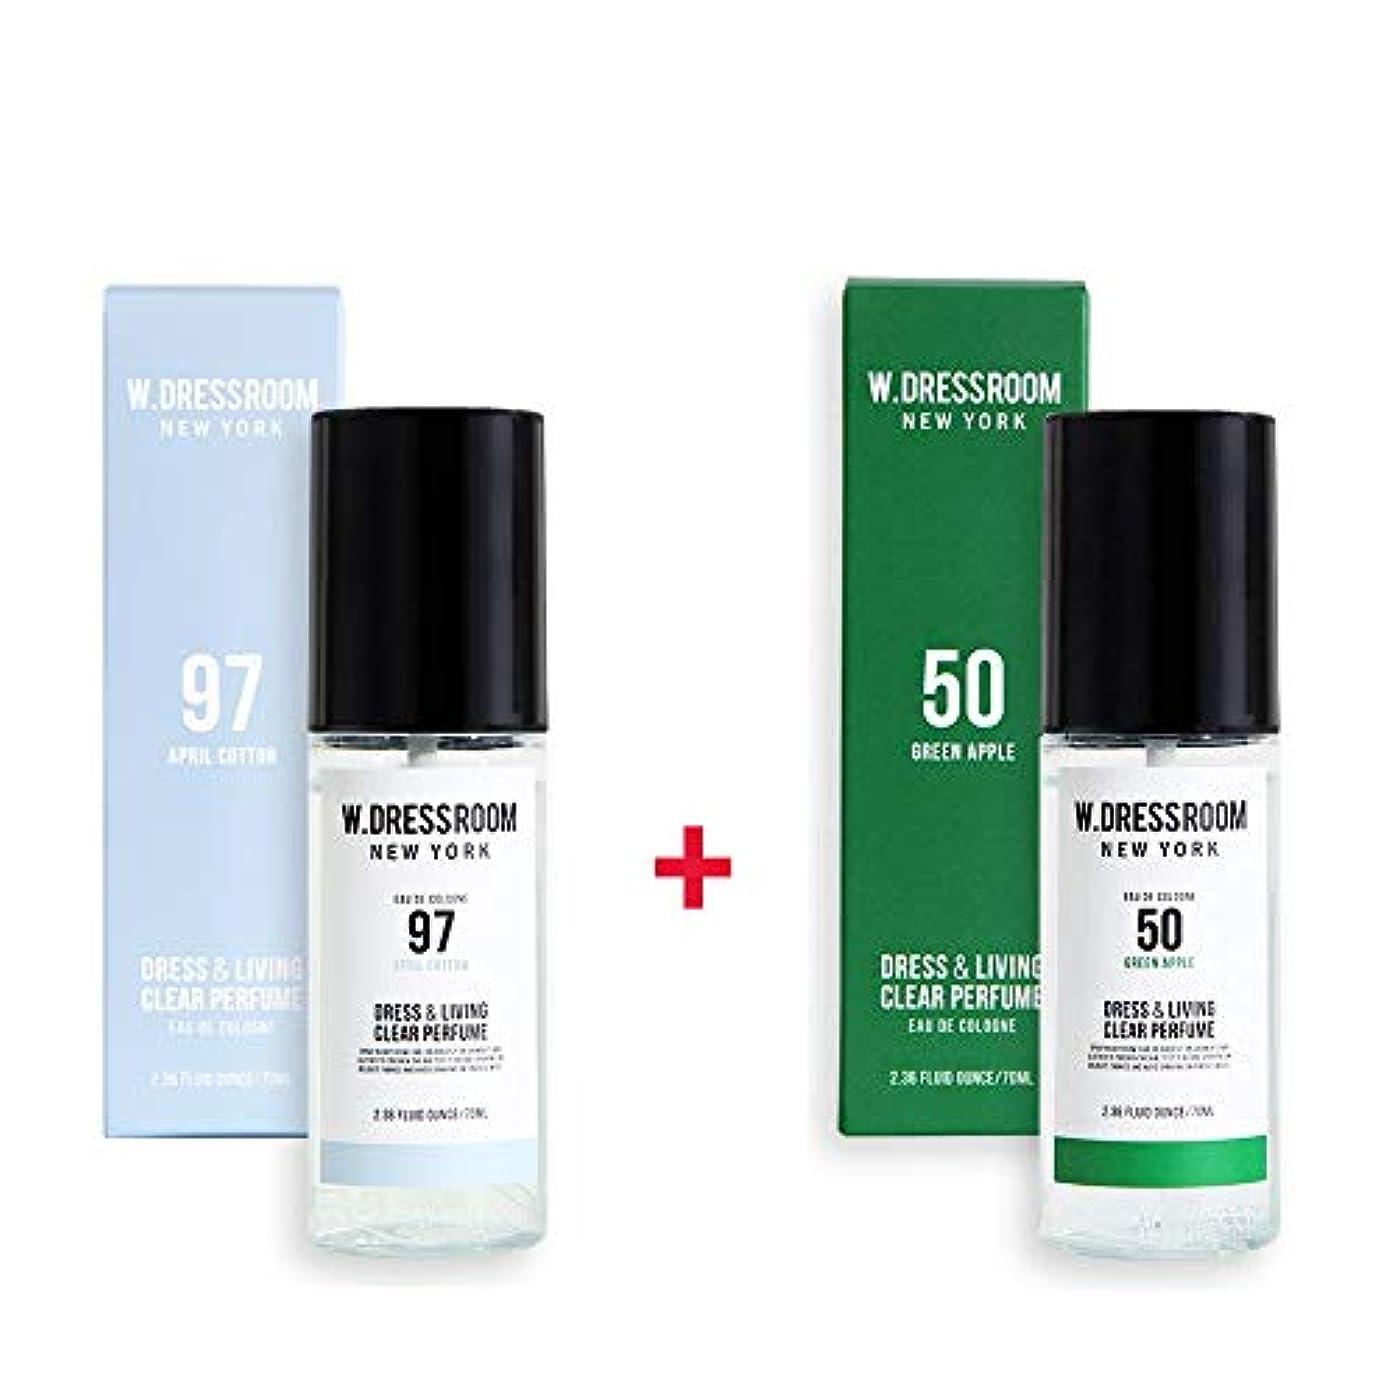 脚本羊飼い面積W.DRESSROOM Dress & Living Clear Perfume 70ml (No 97 April Cotton)+(No 50 Green Apple)